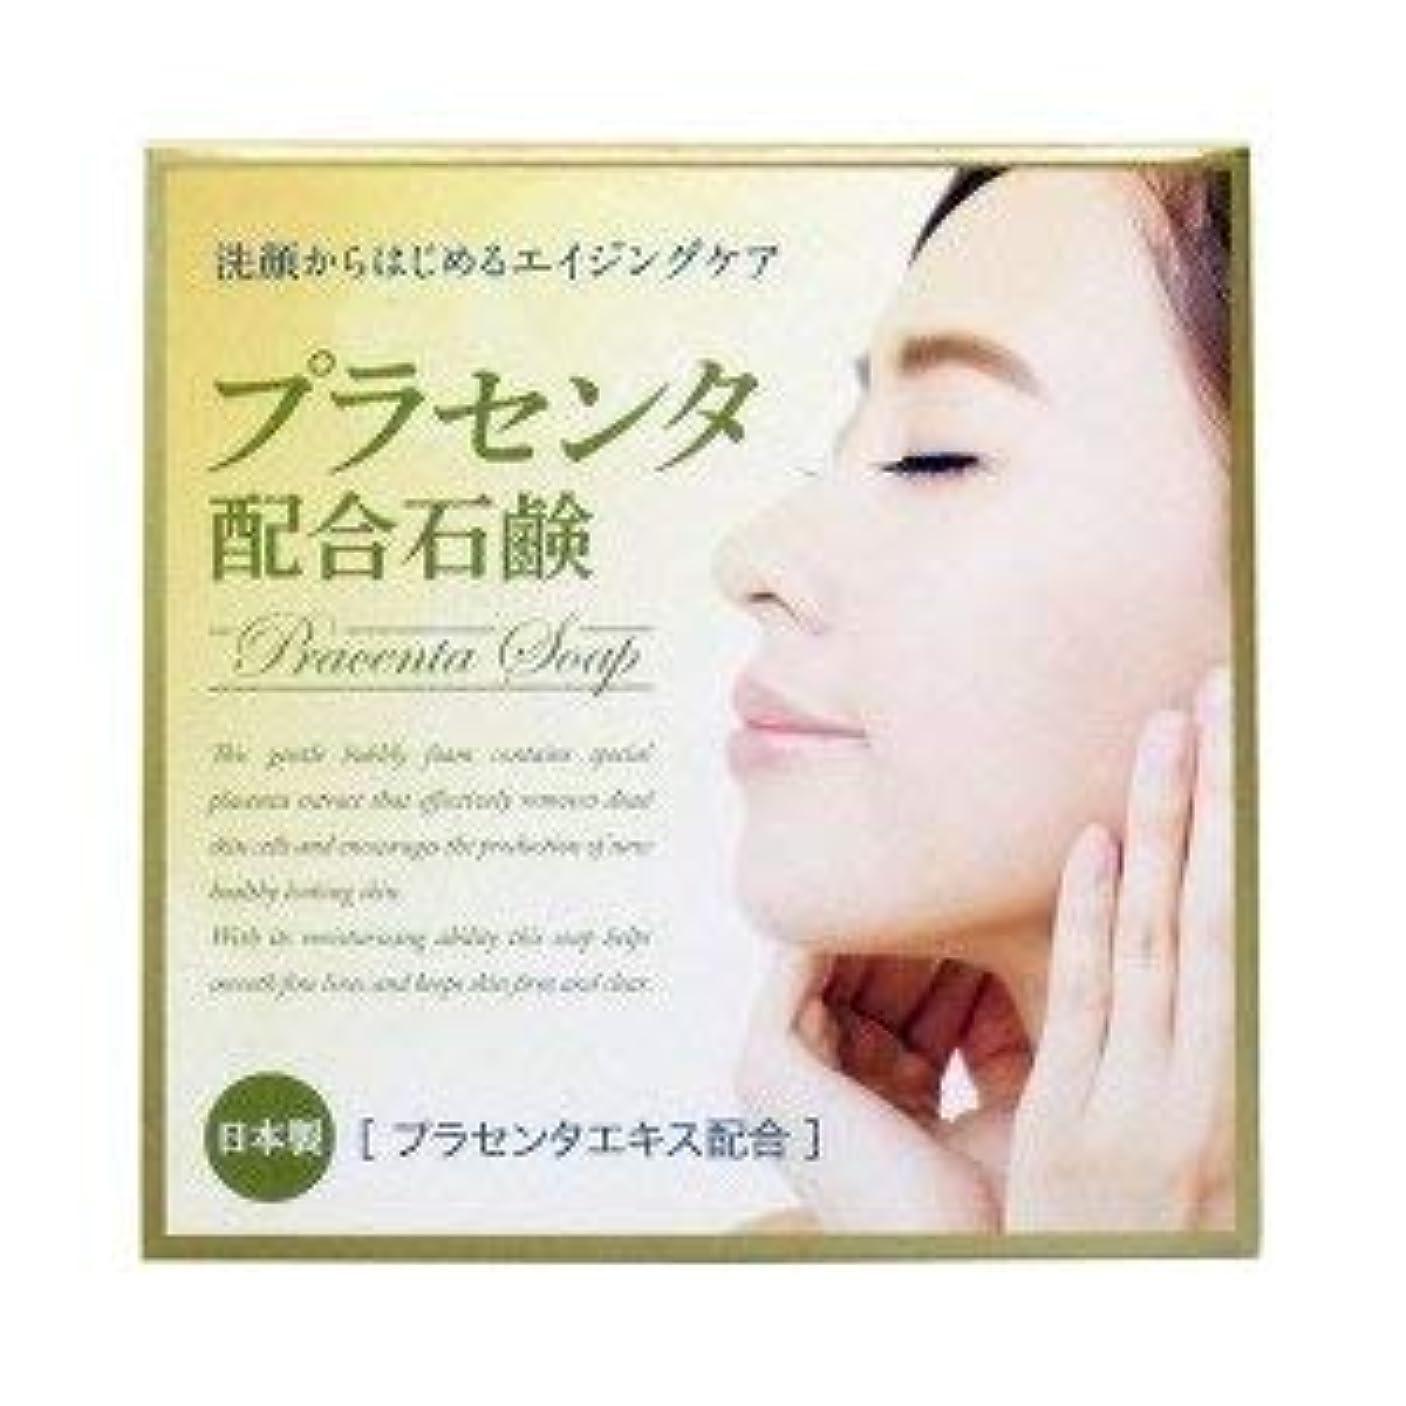 苦行慣らす聴覚プラセンタ配合石鹸 80g×2 2個1セット プラセンタエキス保湿成分配合 日本製